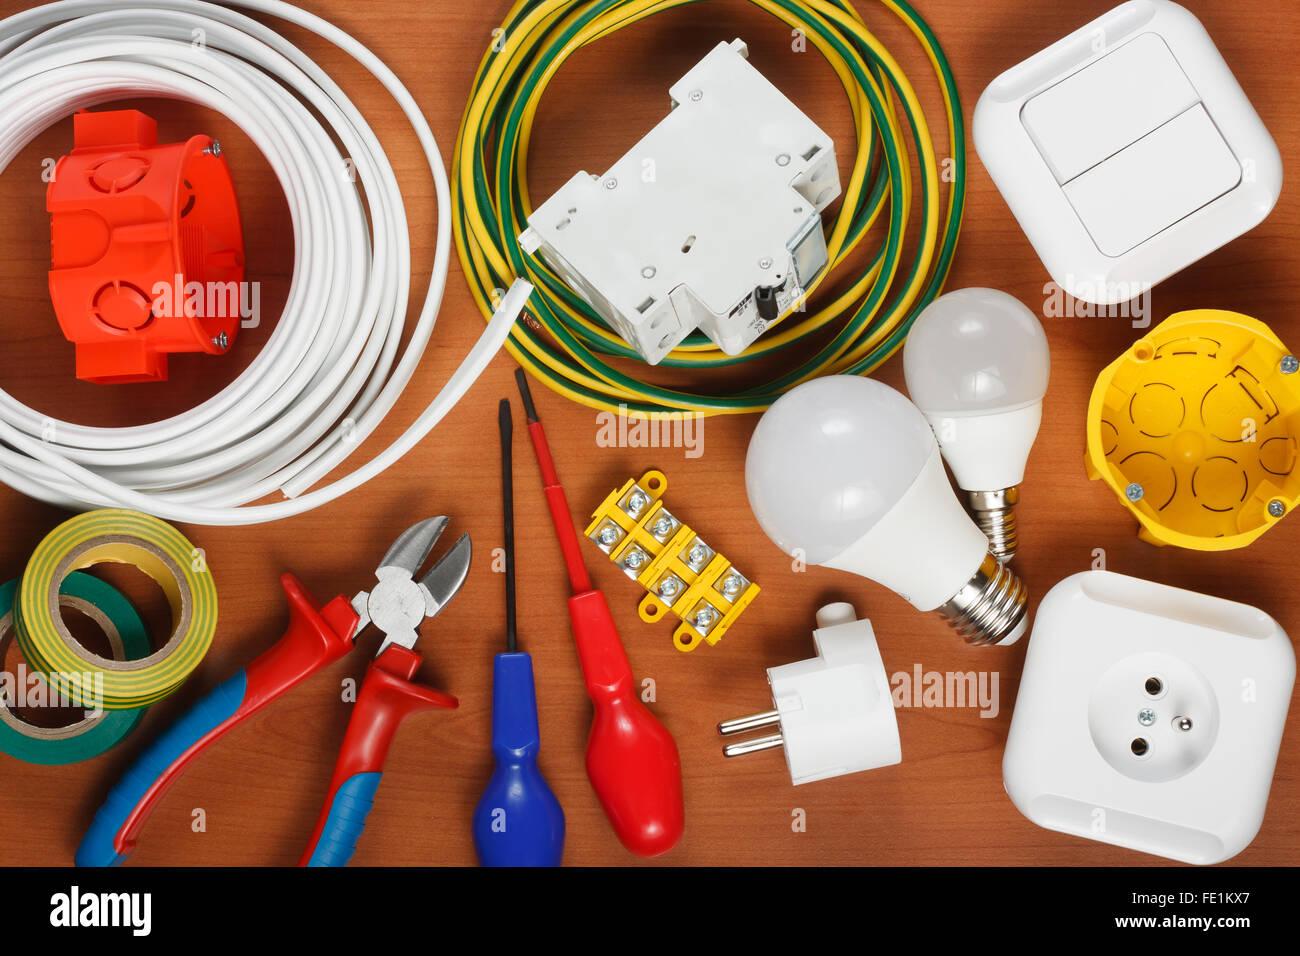 Elektrische Geräte und Werkzeuge auf dem Schreibtisch Stockbild